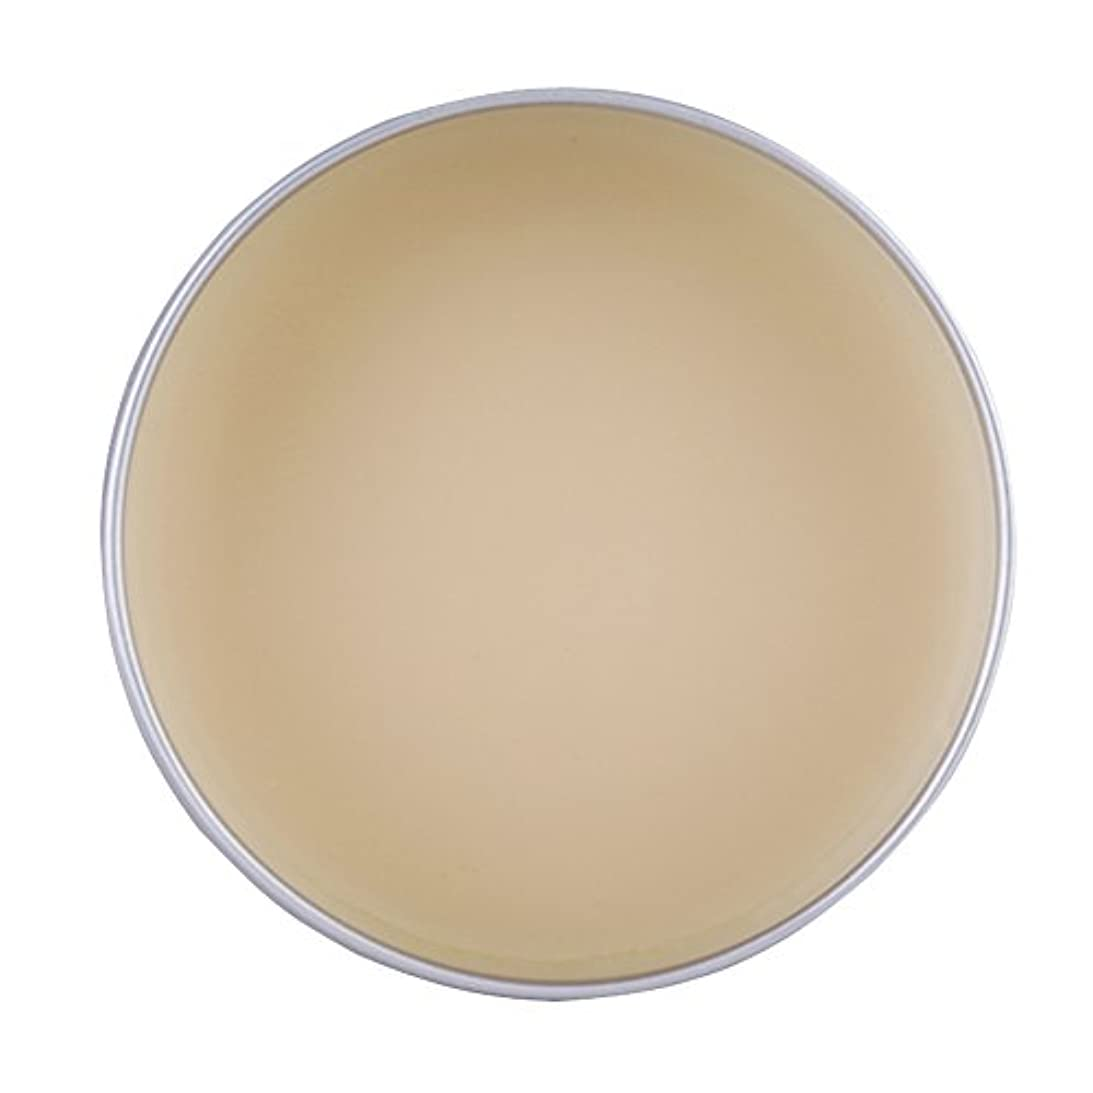 5タイププロフェッショナル偽の創傷修復カバー瘢痕眉毛クリームワックスメイクアップ化粧品(2)